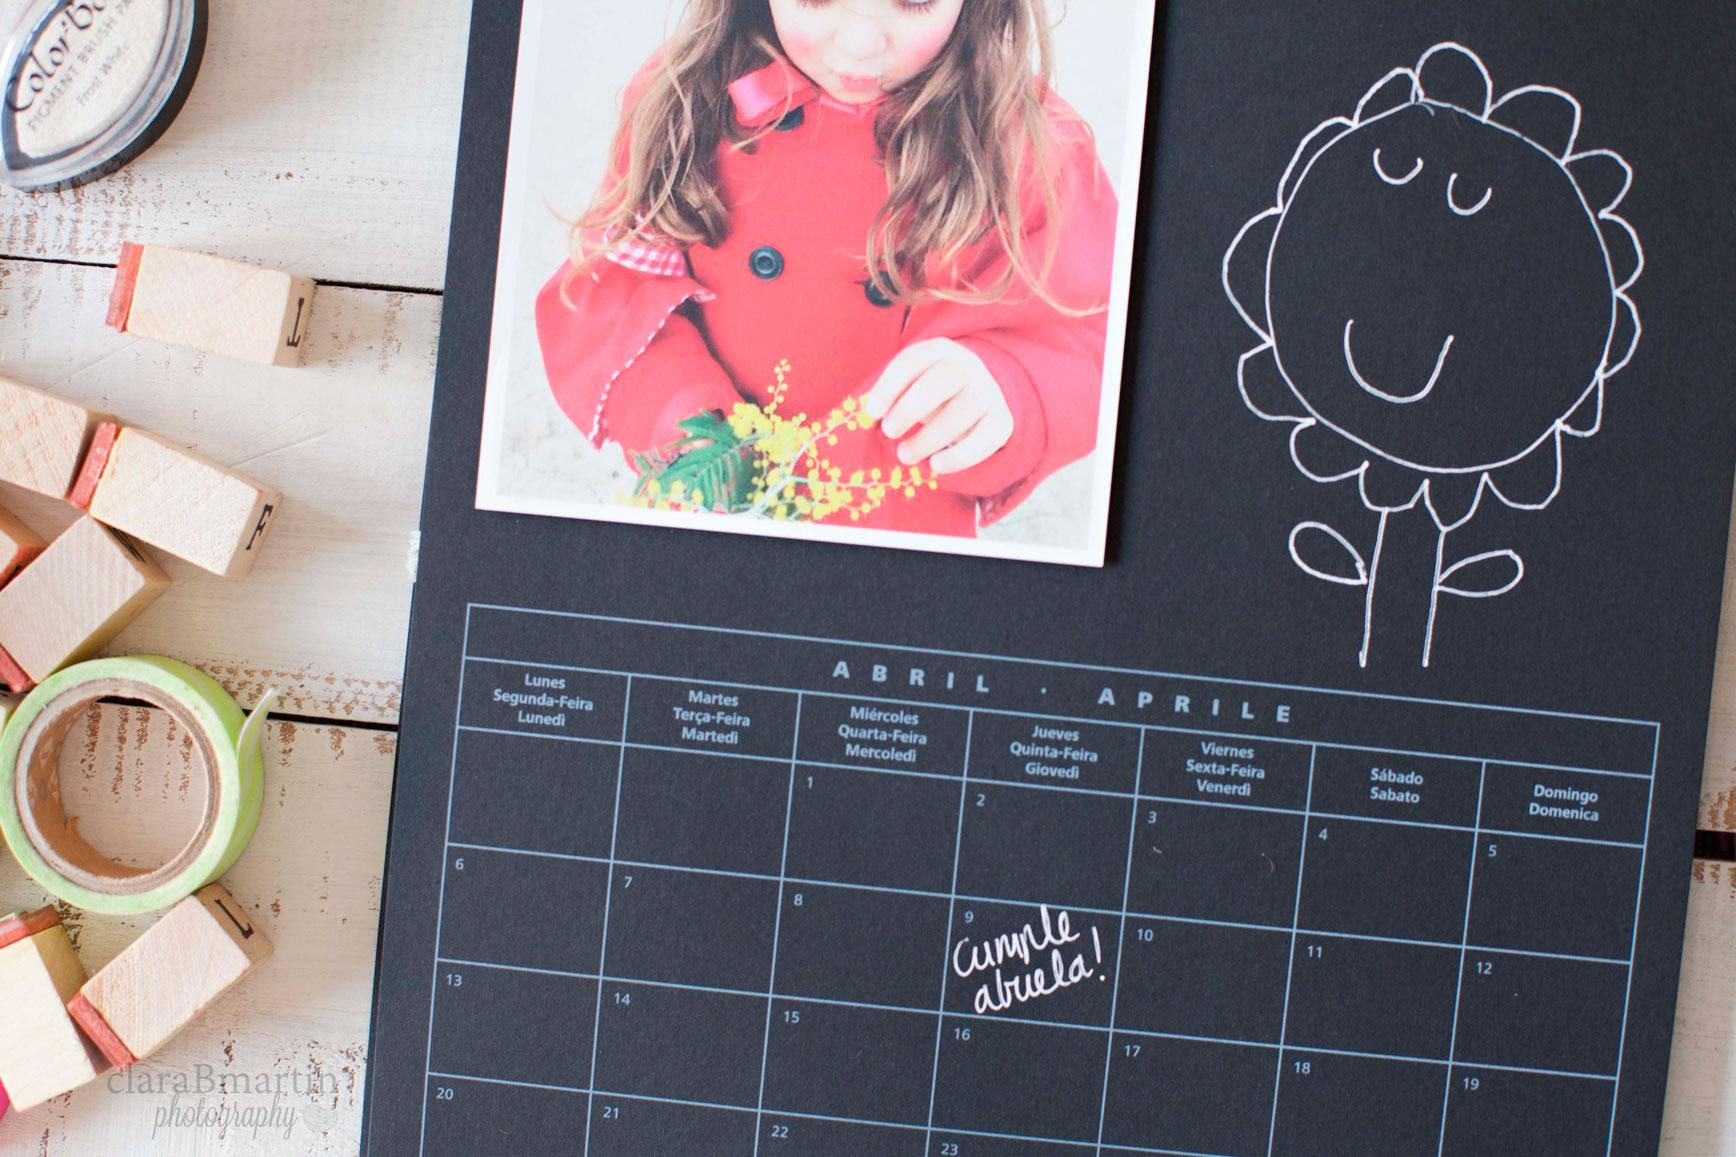 Calendario-DIY_claraBmartin06